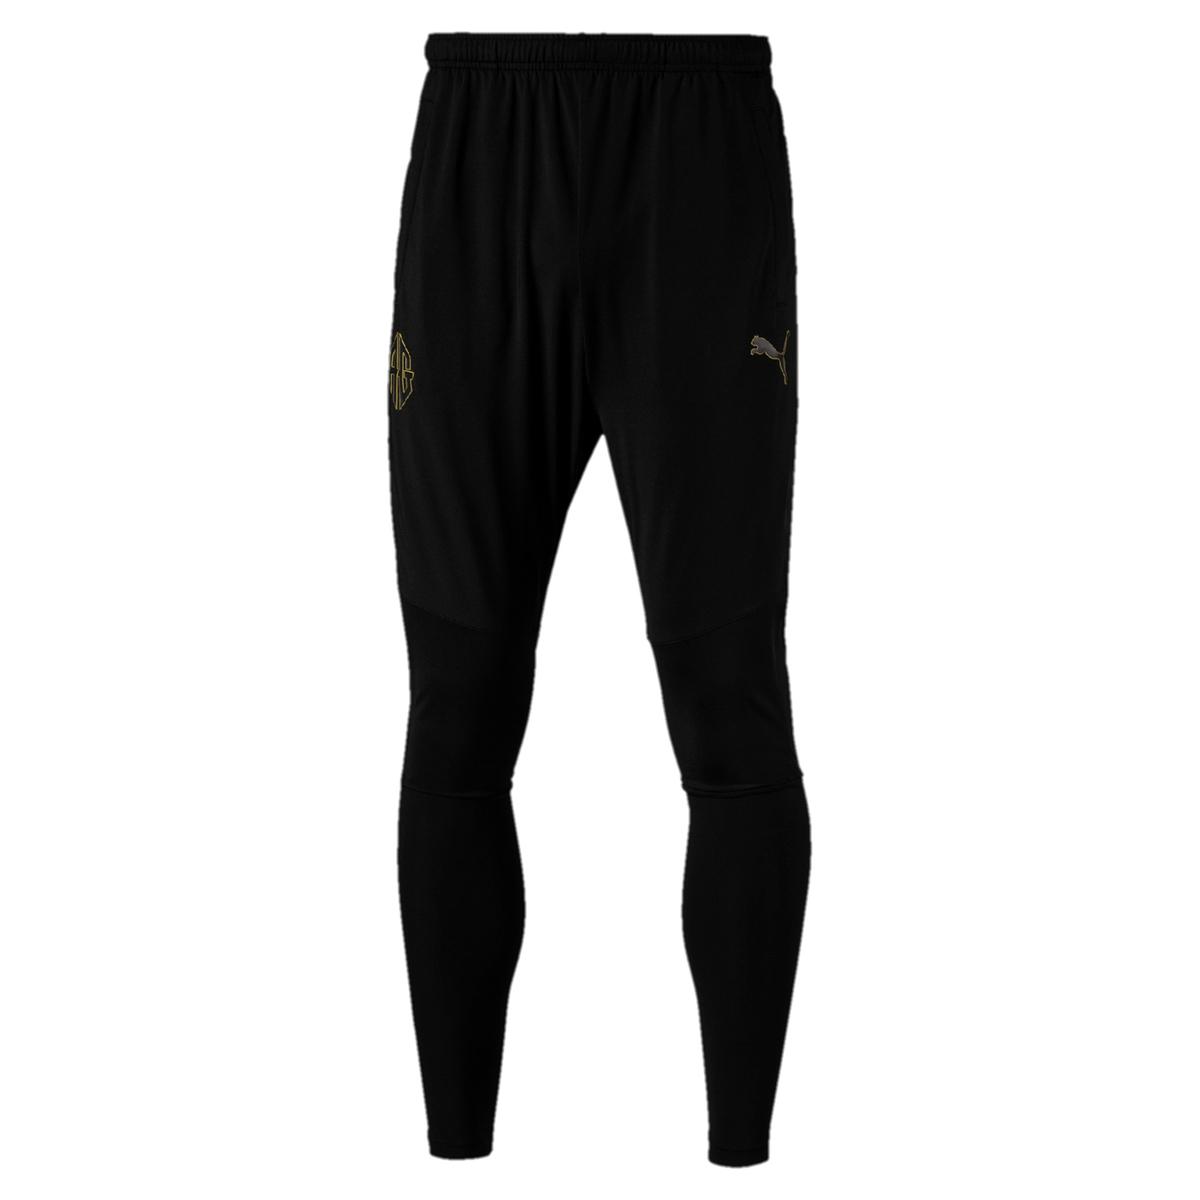 Pantaloni da jogging Griezmann Spécial Edition Pro